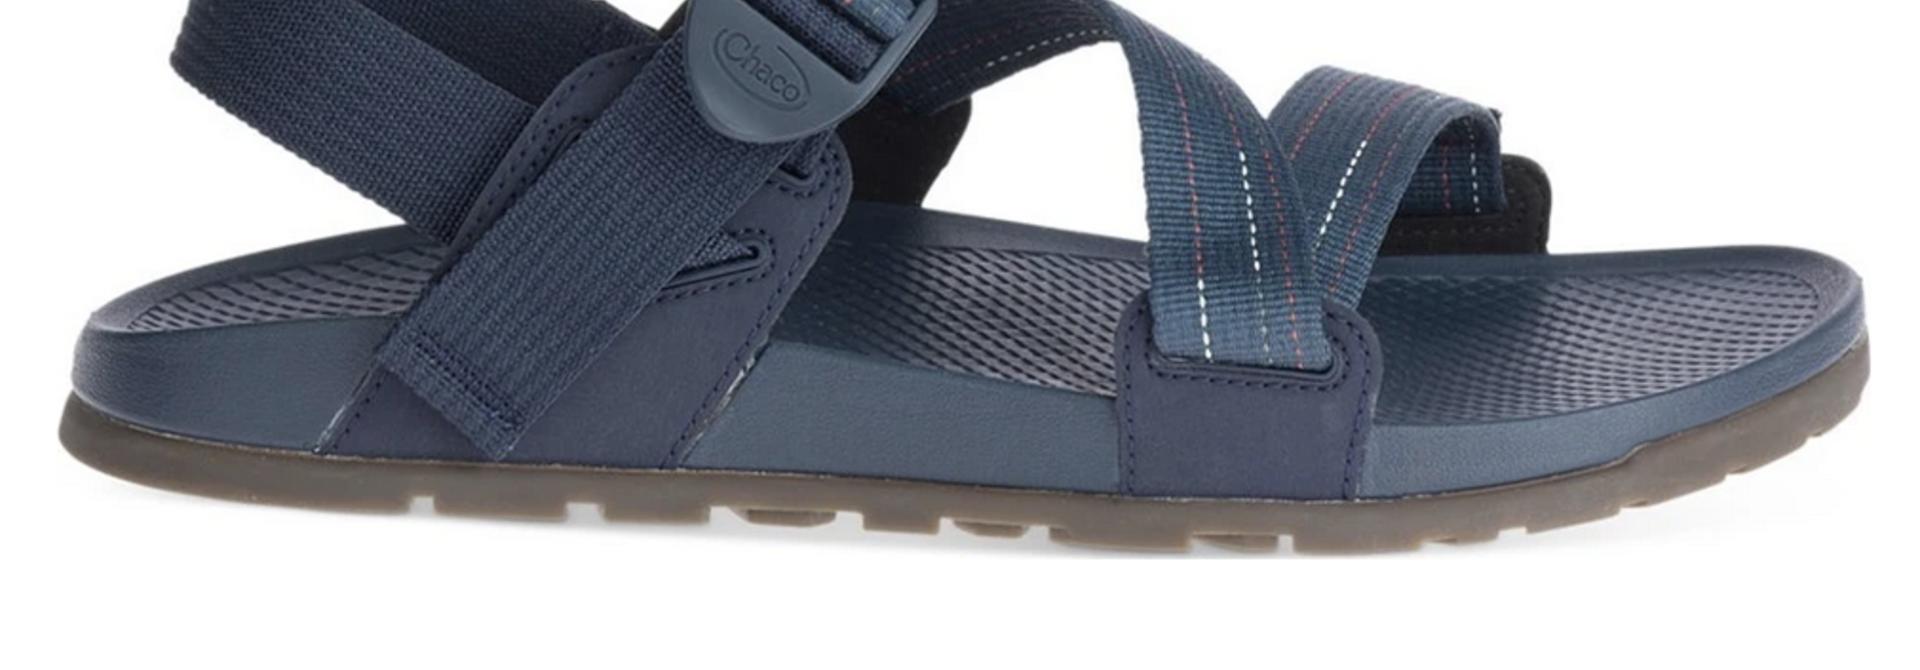 Men's Lowdown Sandal